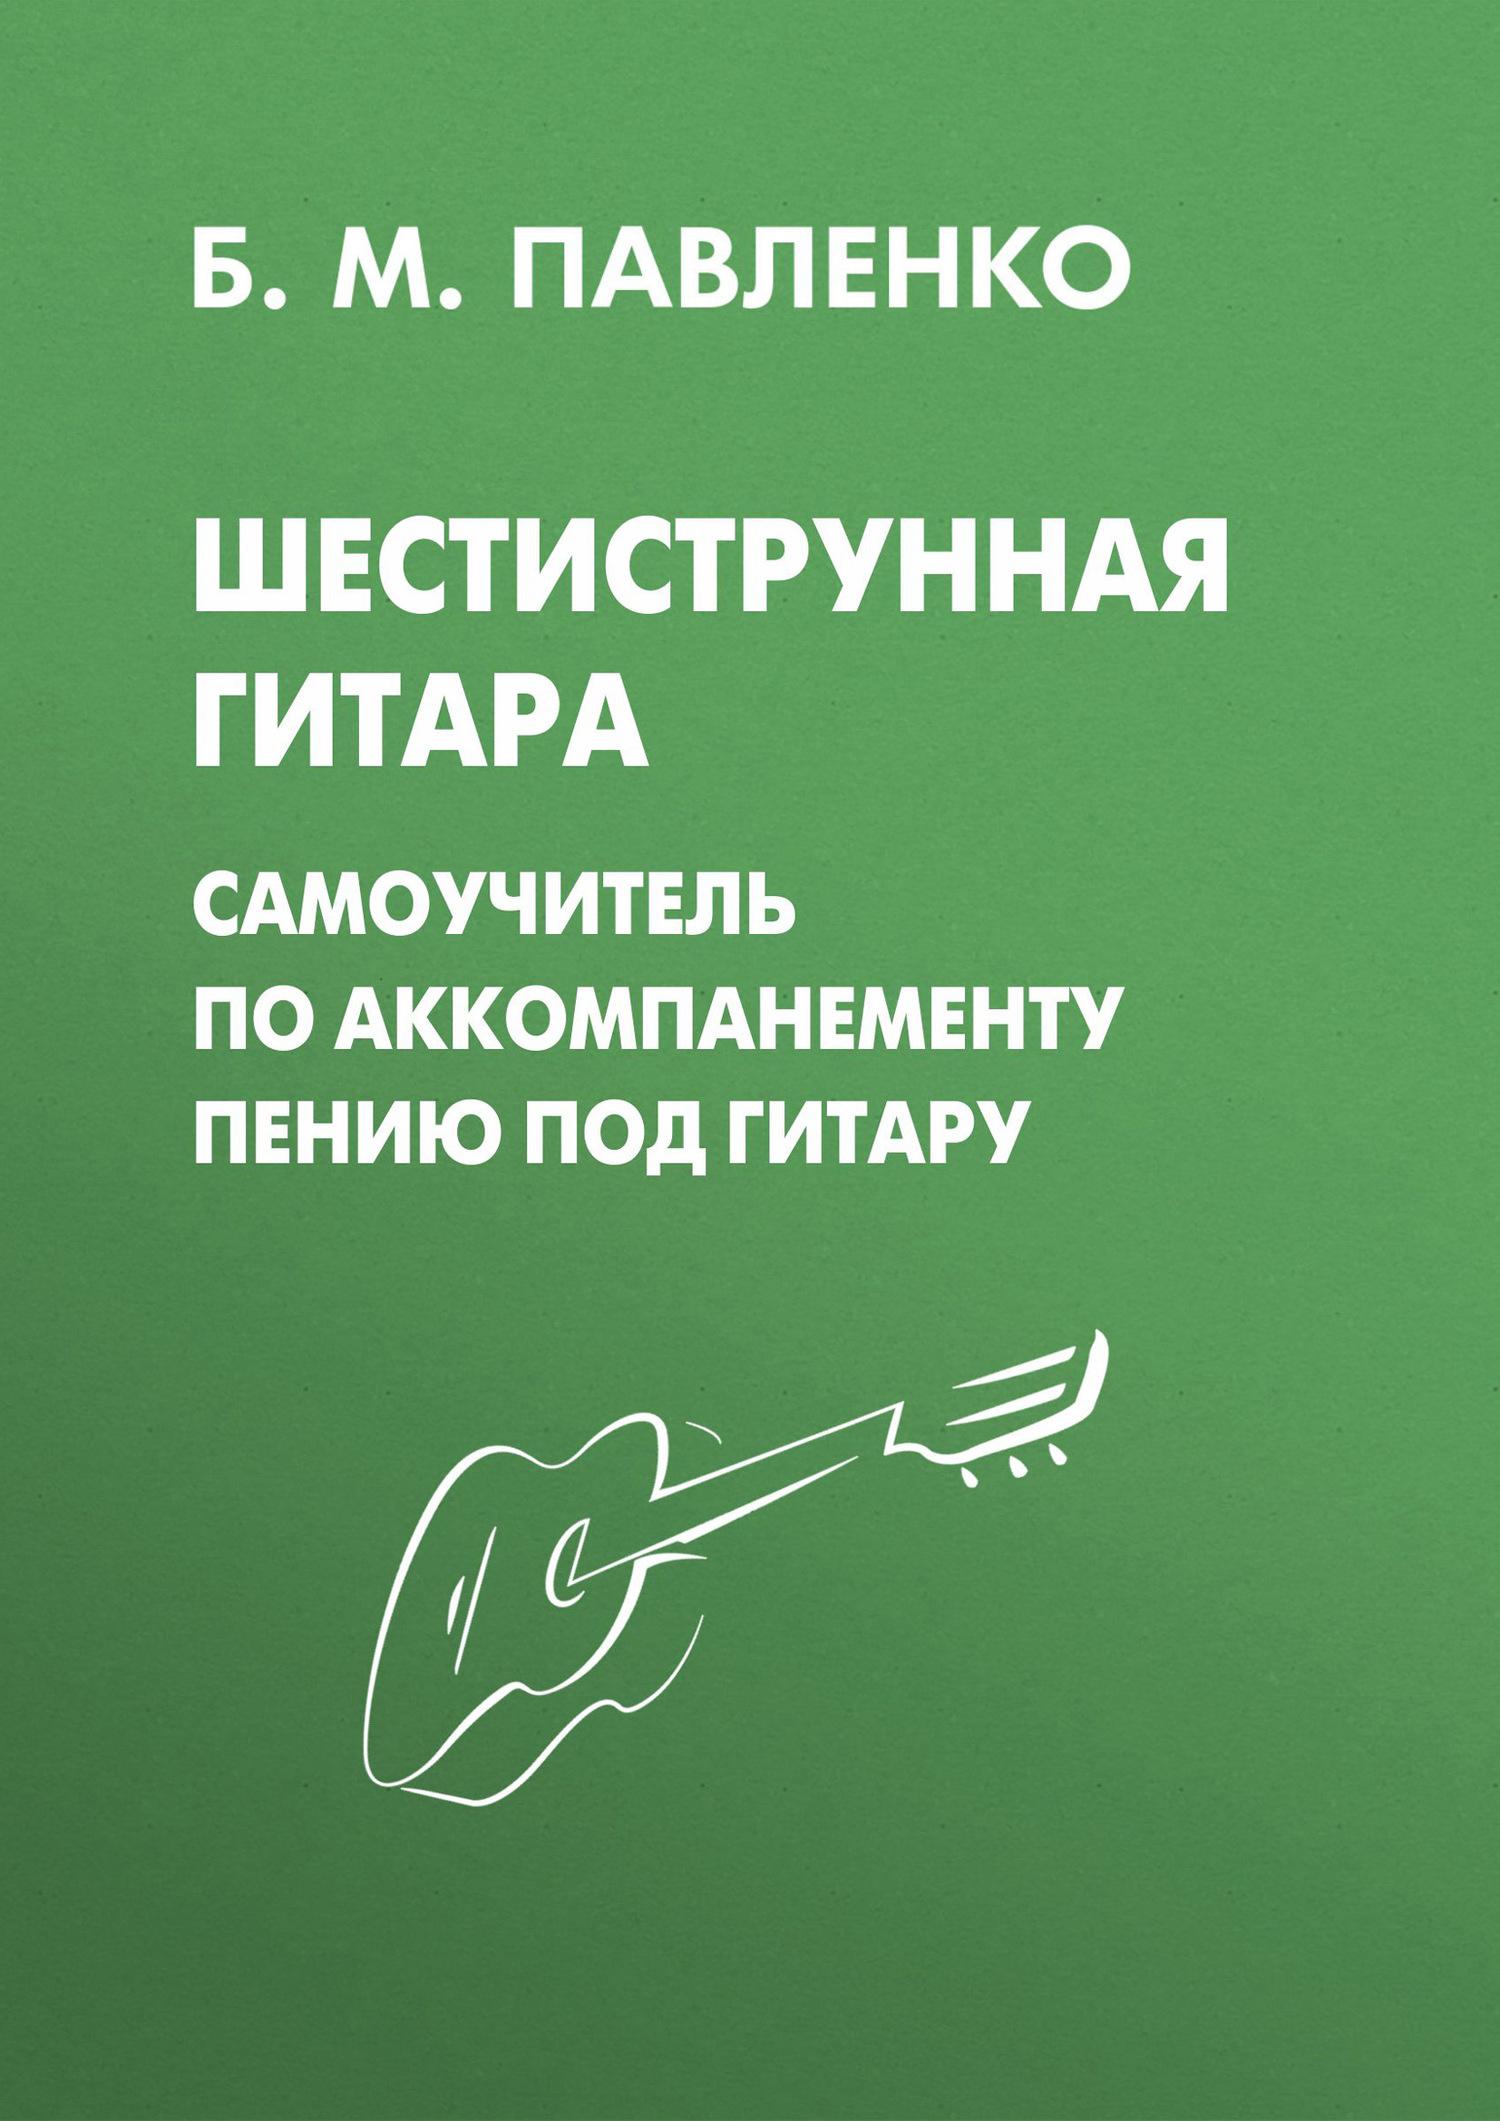 Б. М. Павленко Шестиструнная гитара. Самоучитель по аккомпанементу пению под гитару американские струны на гитару